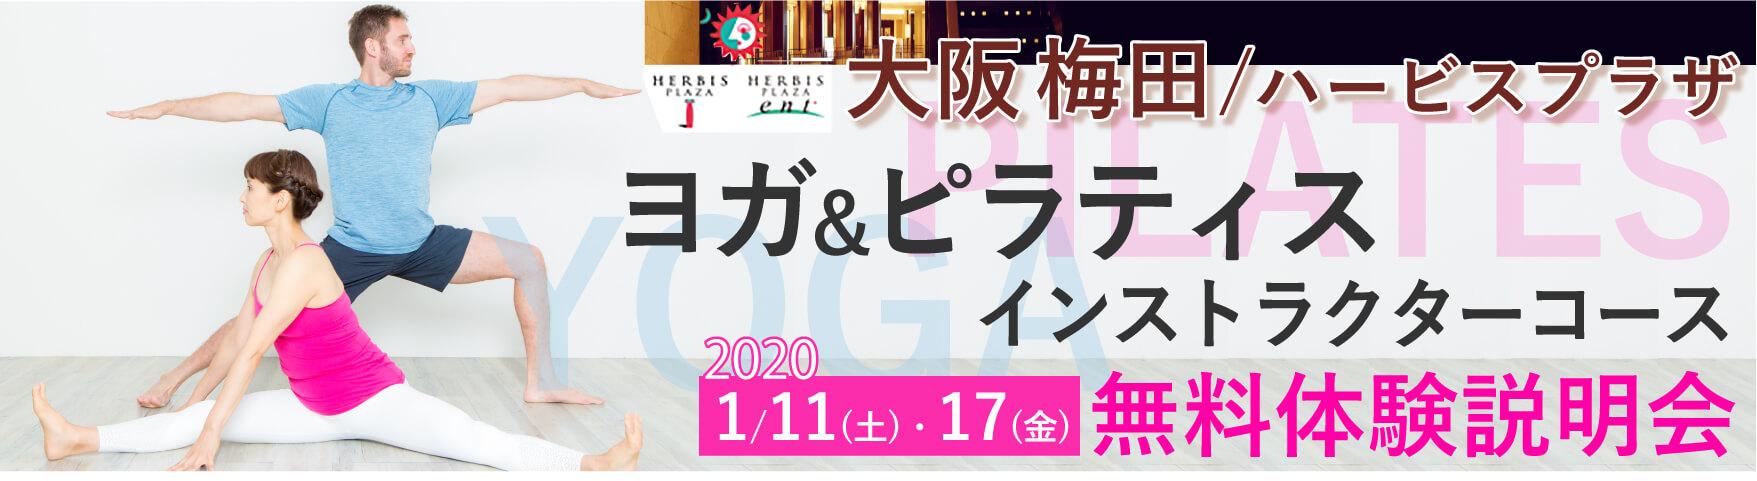 大阪・梅田ハービスプラザにて開催!ヨガ・ピラティスインストラクター養成コース無料体験説明会